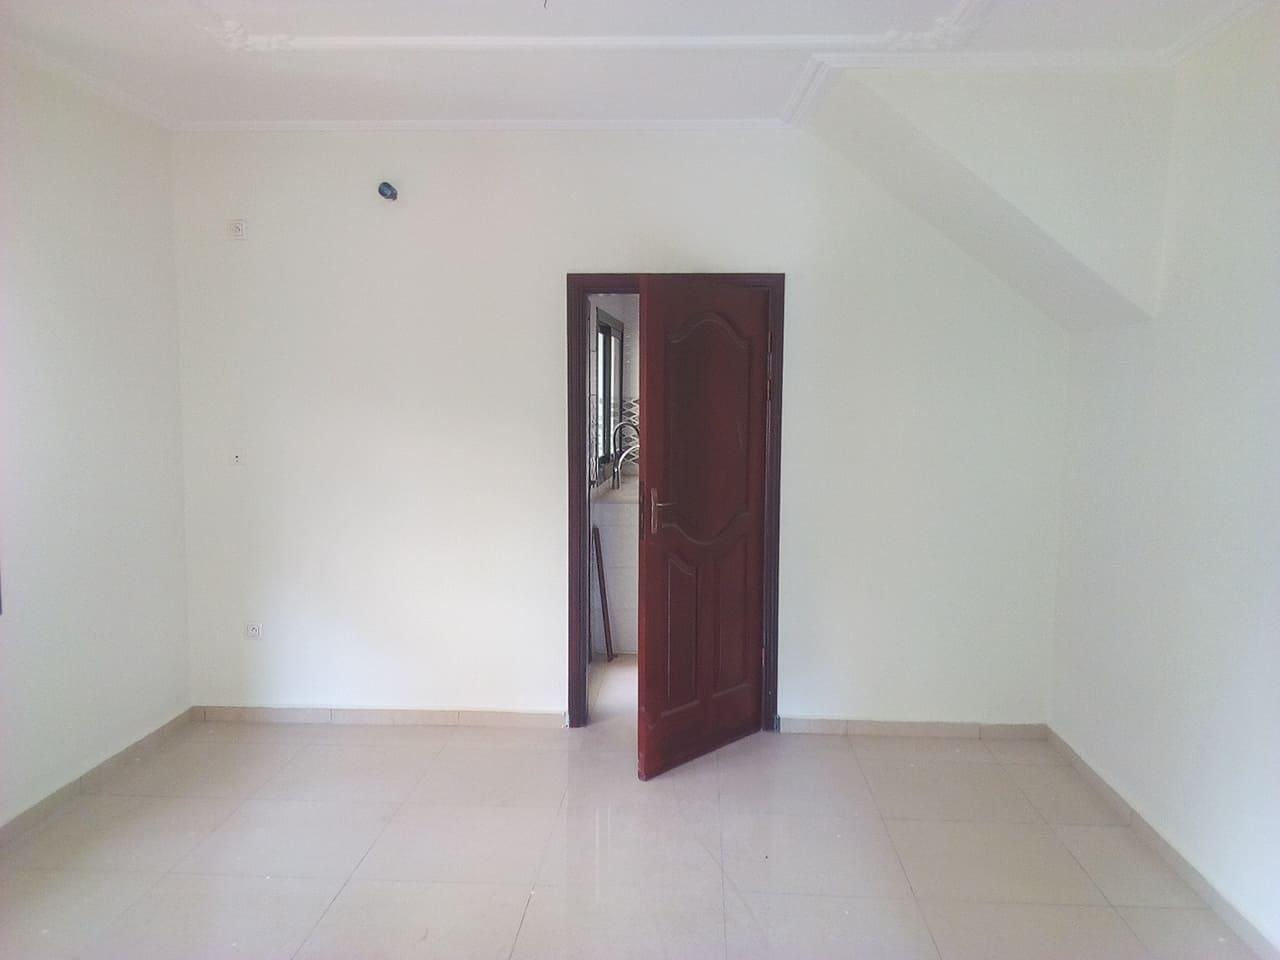 Apartment to rent - Yaoundé, Bastos, pas loin du golf (immeuble neuf de 18 appartements avec ascenceur - 1 living room(s), 3 bedroom(s), 3 bathroom(s) - 18 000 000 FCFA / month